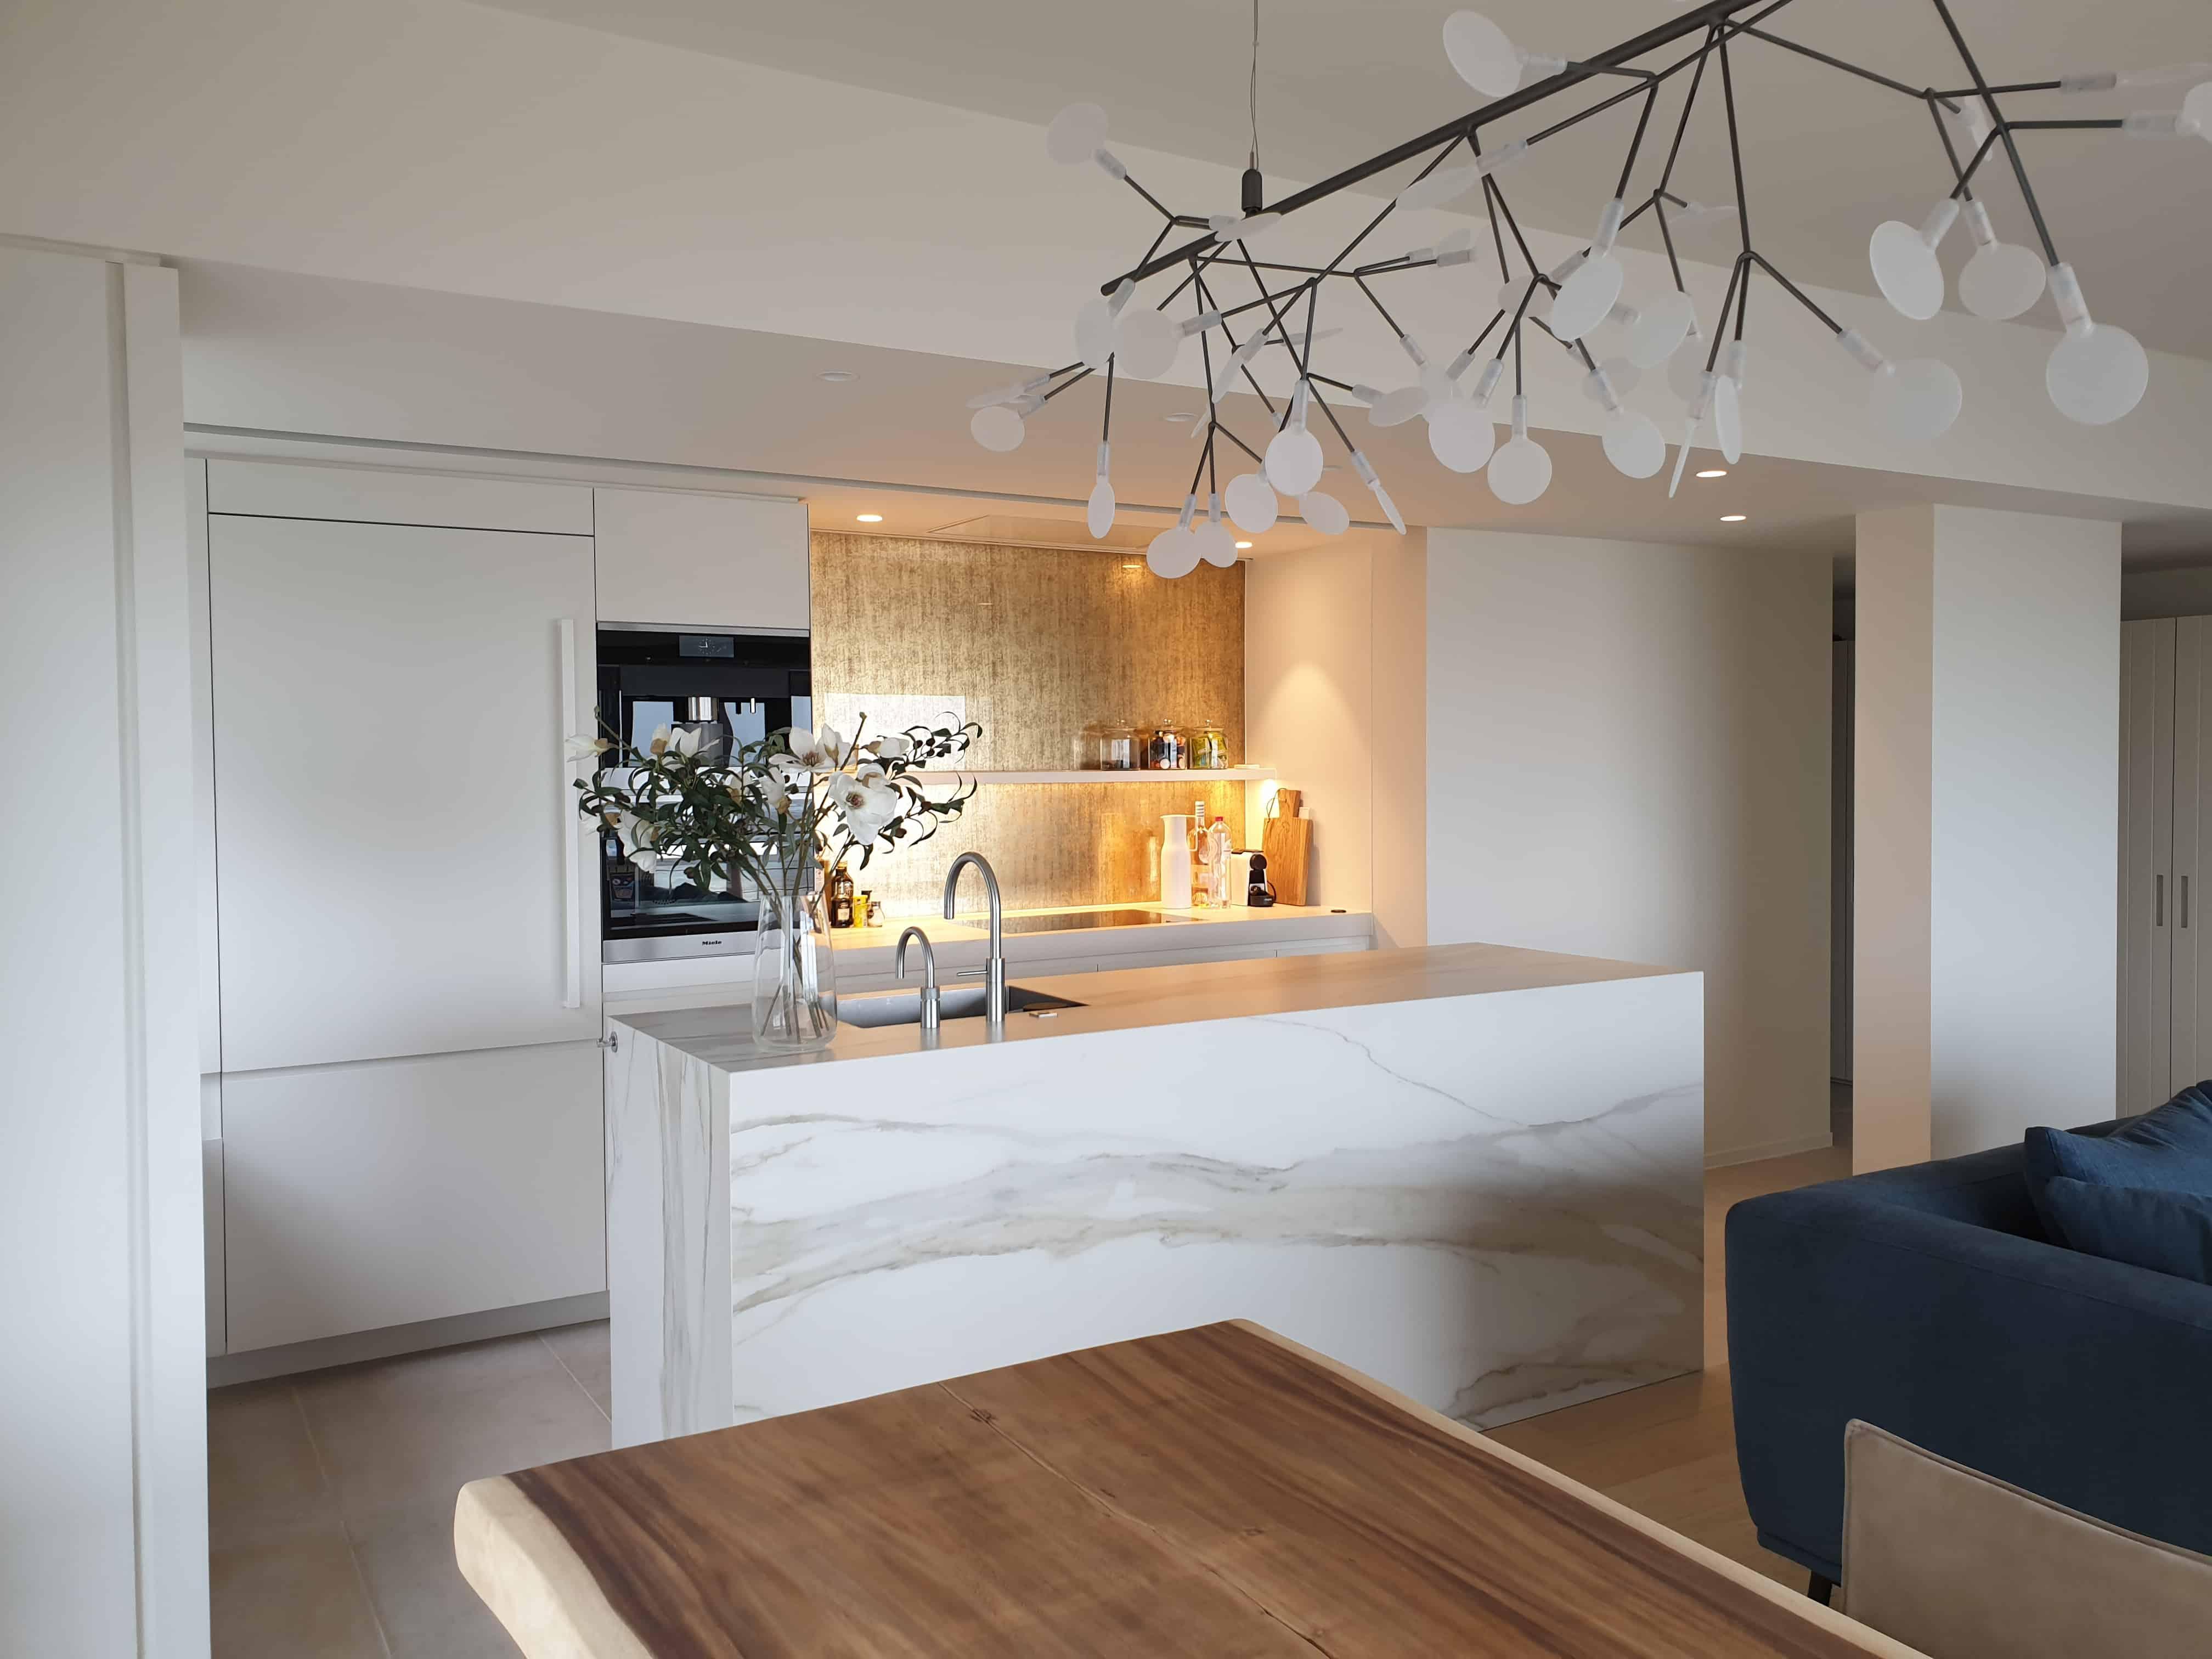 Keuken aanrecht met marmeren XXL tegels - grote tegels van marmer in keuken - Oostende